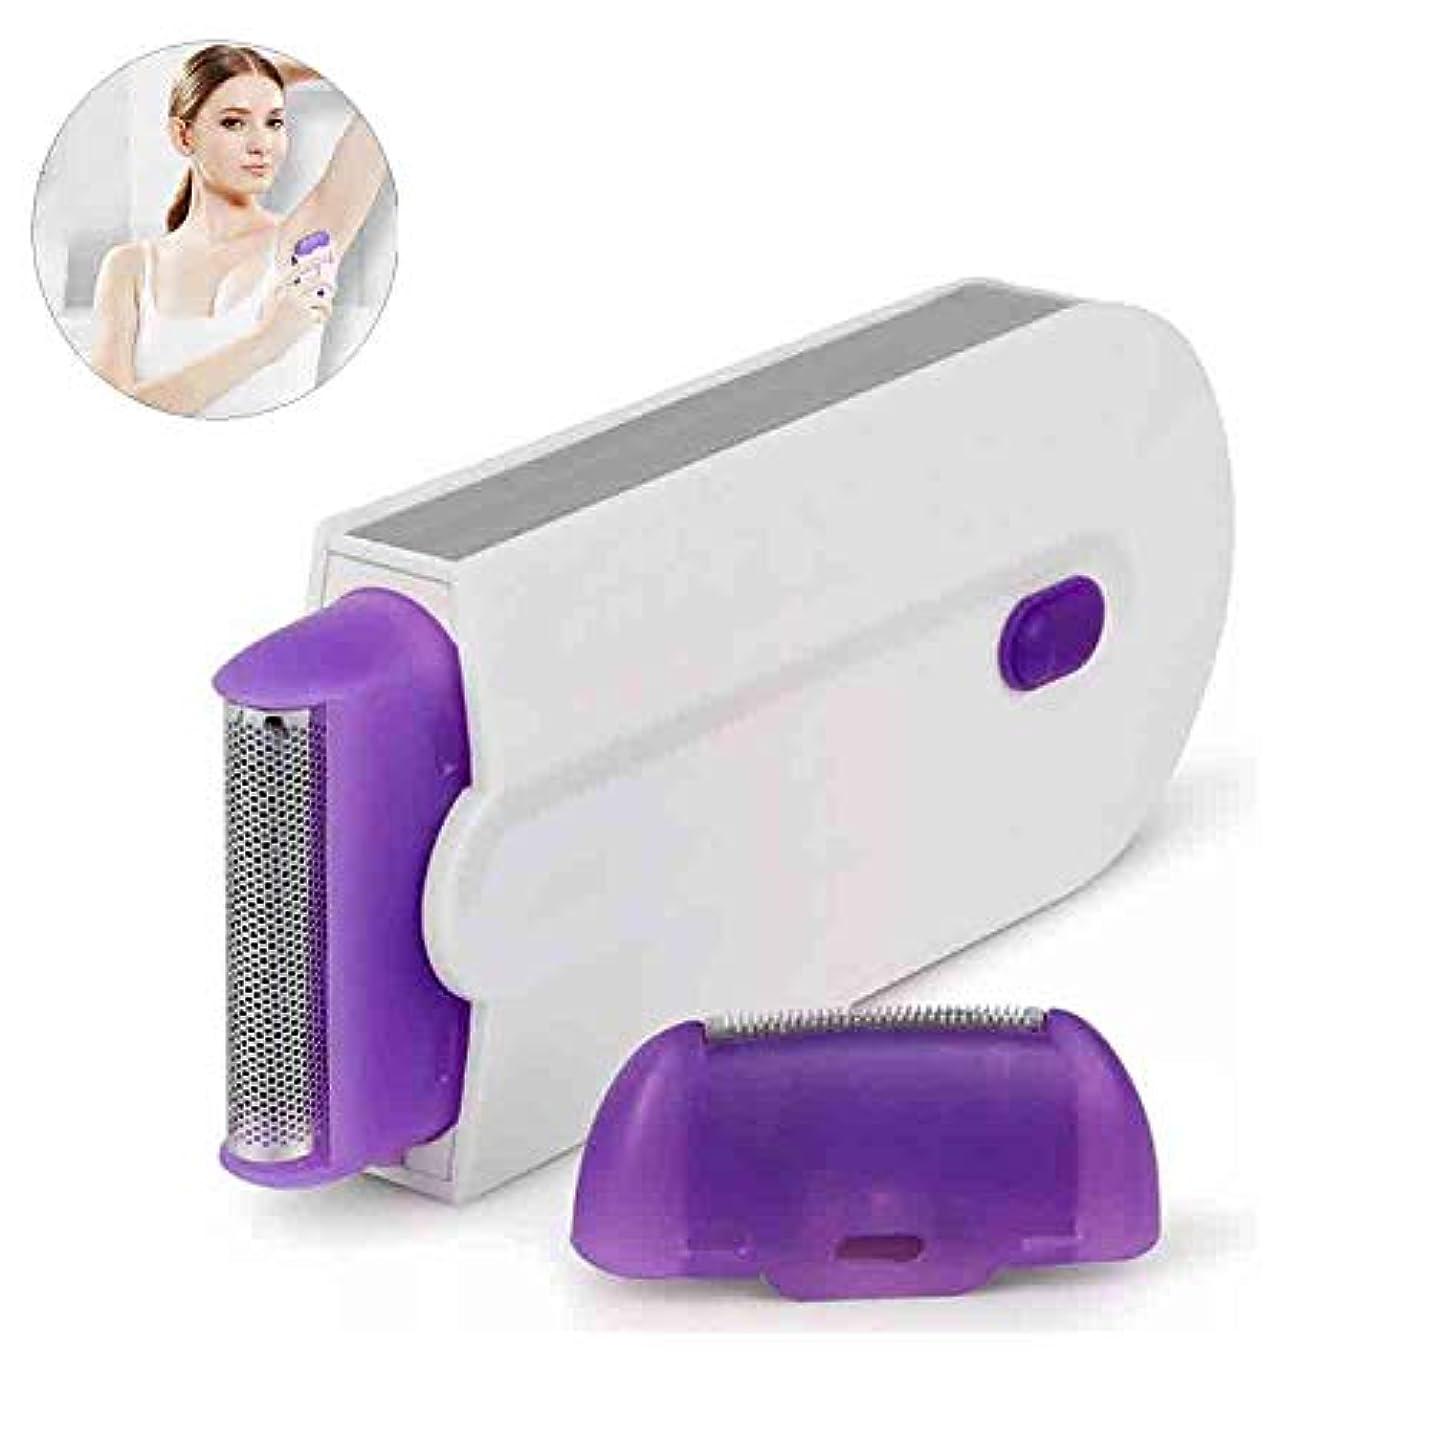 水を飲む嫌いコーン電気シェーバー、USB 充電誘導の女性の摘採装置、レーザー脱毛